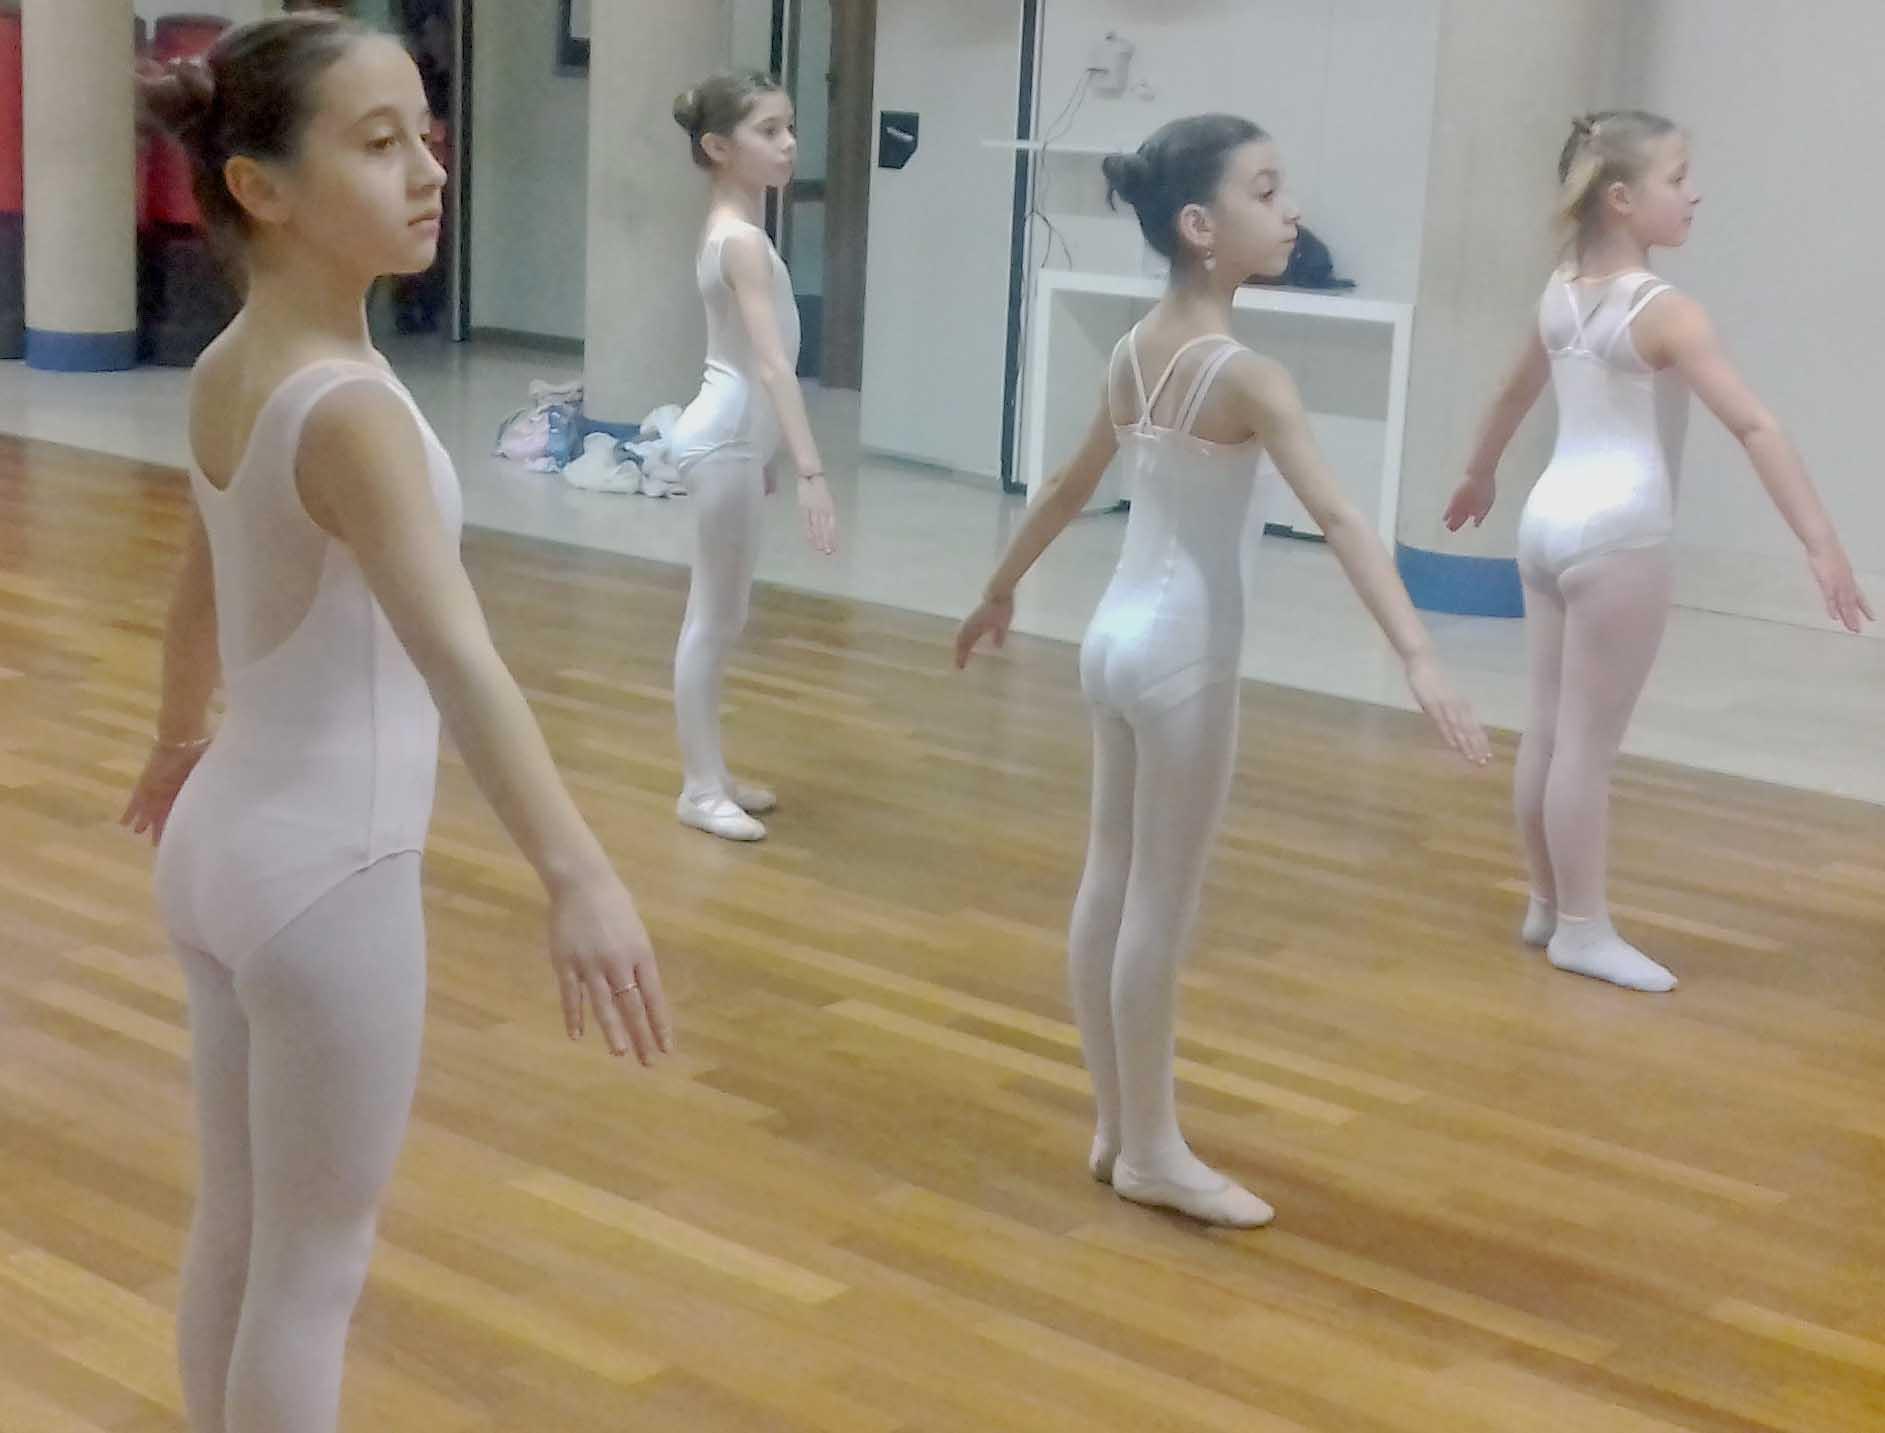 """Il corso di sbarra a terra permette agli allievi di imparare ad eseguire nella maniera corretta tutti gli esercizi che verranno eseguiti alla sbarra senza l'aggravio del peso del corpo e della forza di gravita'; impareranno ad abituare i muscoli a lavorare nella corretta direzione """"en dehors"""", necessaria per lo studio della danza classica, e ad allineare il corpo con l'ausilio del pavimento. Si incrementano gli esercizi di streatching e di flessibilità/rafforzamento muscolare della schiena. Detto corso mira a migliorare, perciò, la struttura muscolare, tendinea e la postura sia di futuri ballerini di danza classica che ballerini di danza moderna ed è per questo che è vivamente consigliato come percorso propedeutico, appunto, alle classi successive sia di classico che di moderno."""